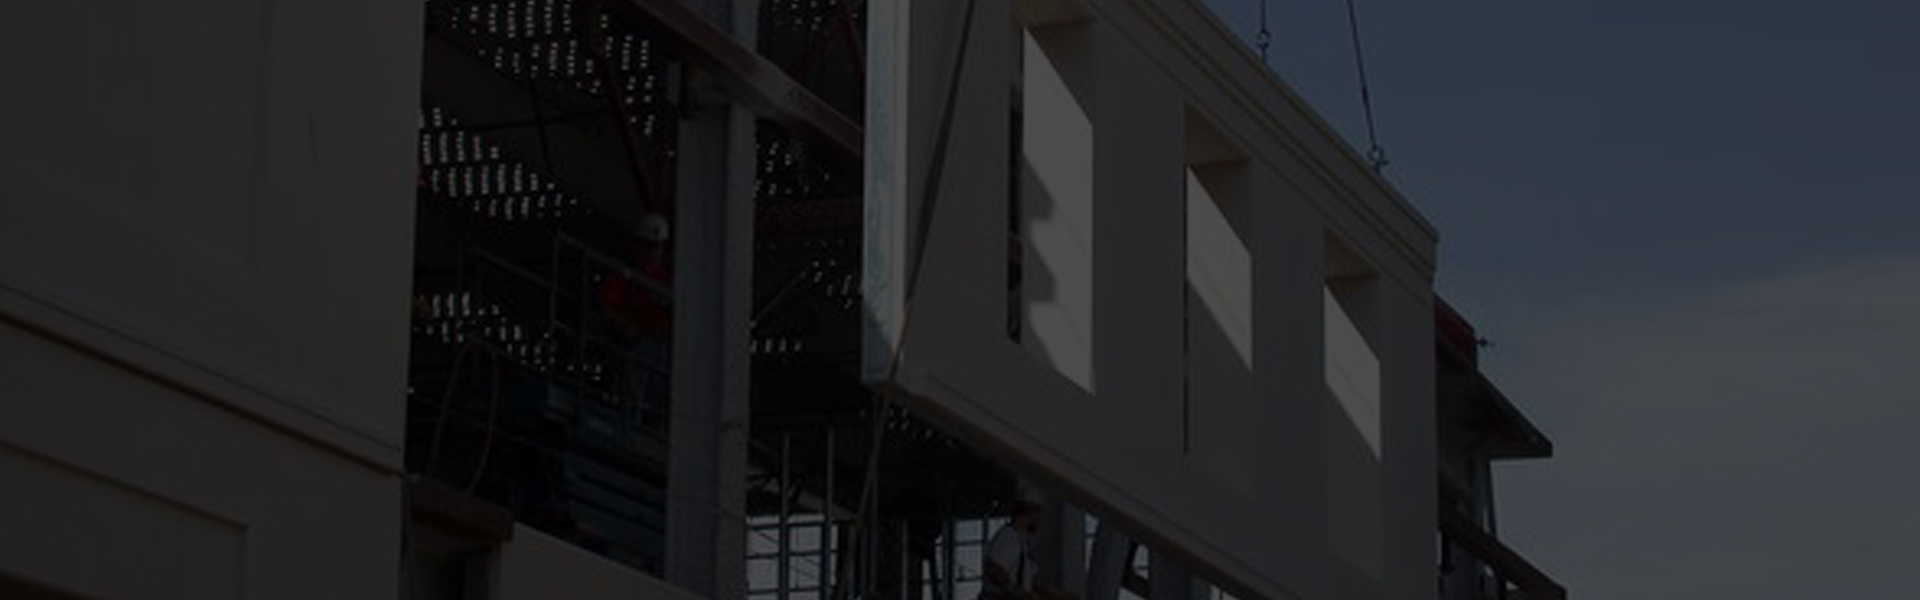 装配式建筑一站式体验馆